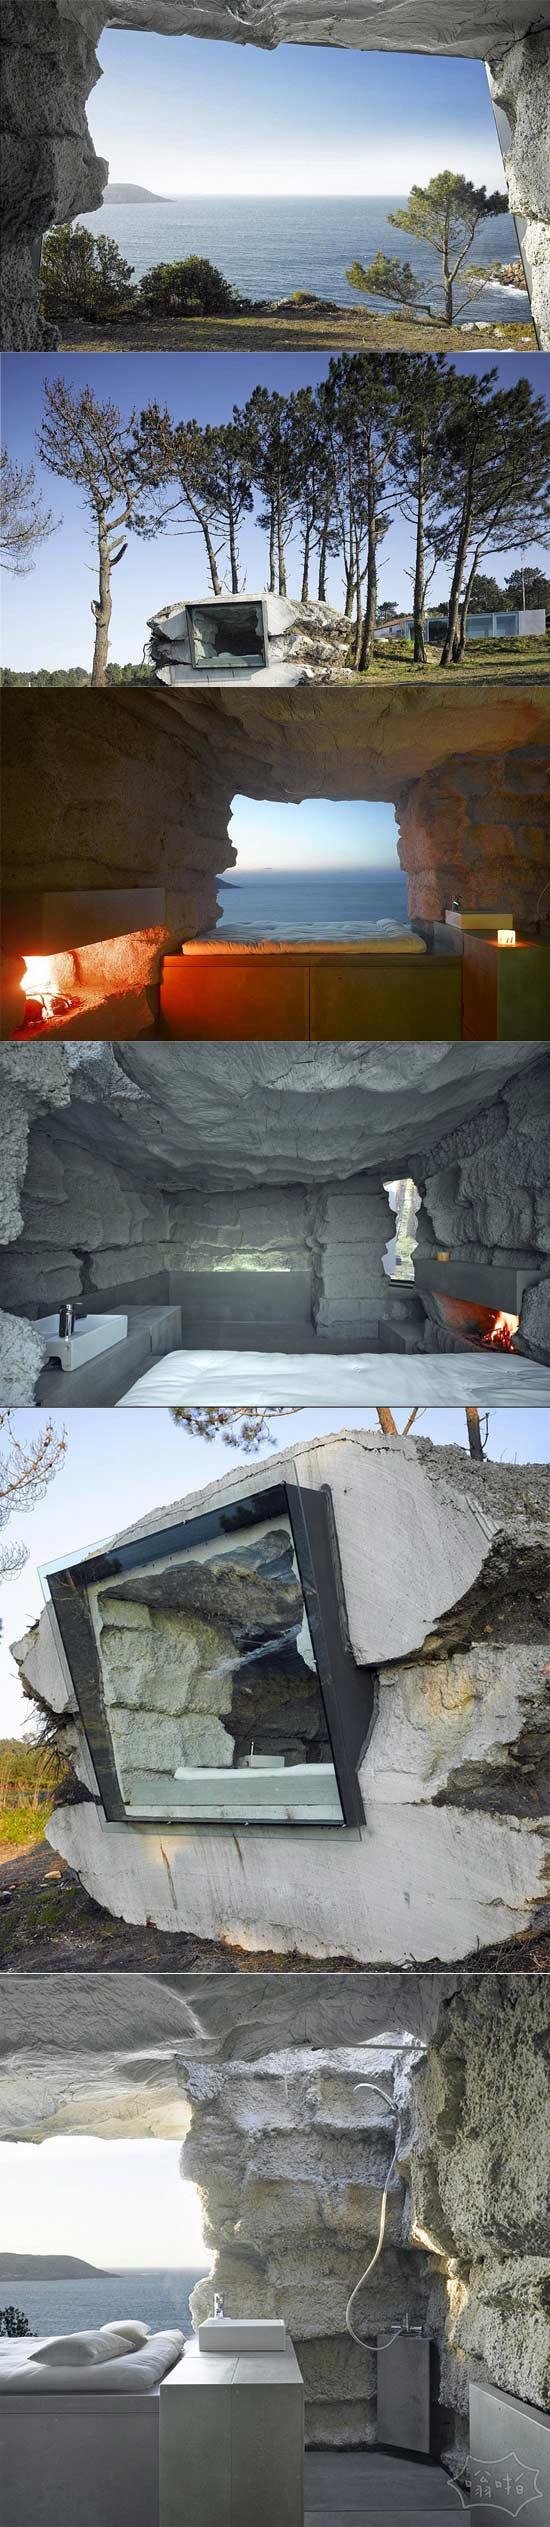 我希望床上不是硬的岩石!西班牙度假屋,里面是一个巨大的人造博尔德